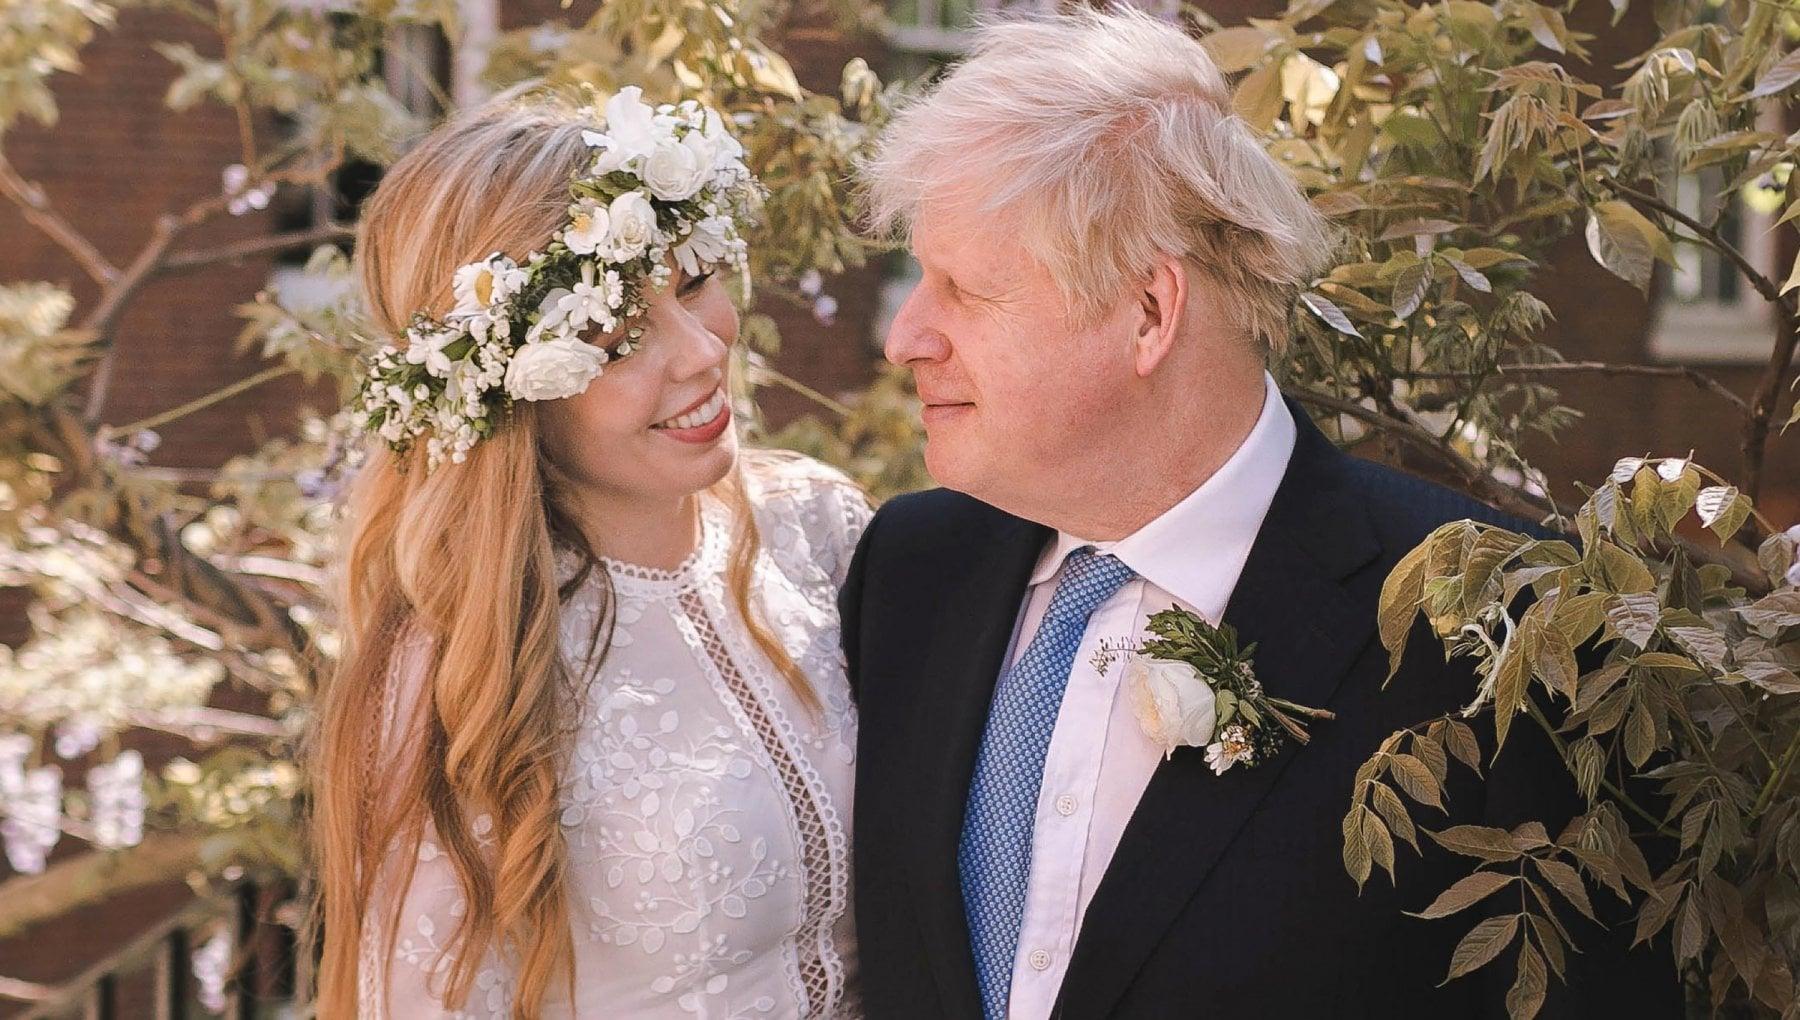 160136023 c263a650 25b6 4063 a138 37f0104a9bed - Chi è Carrie Symonds, la terza moglie di Boris Johnson